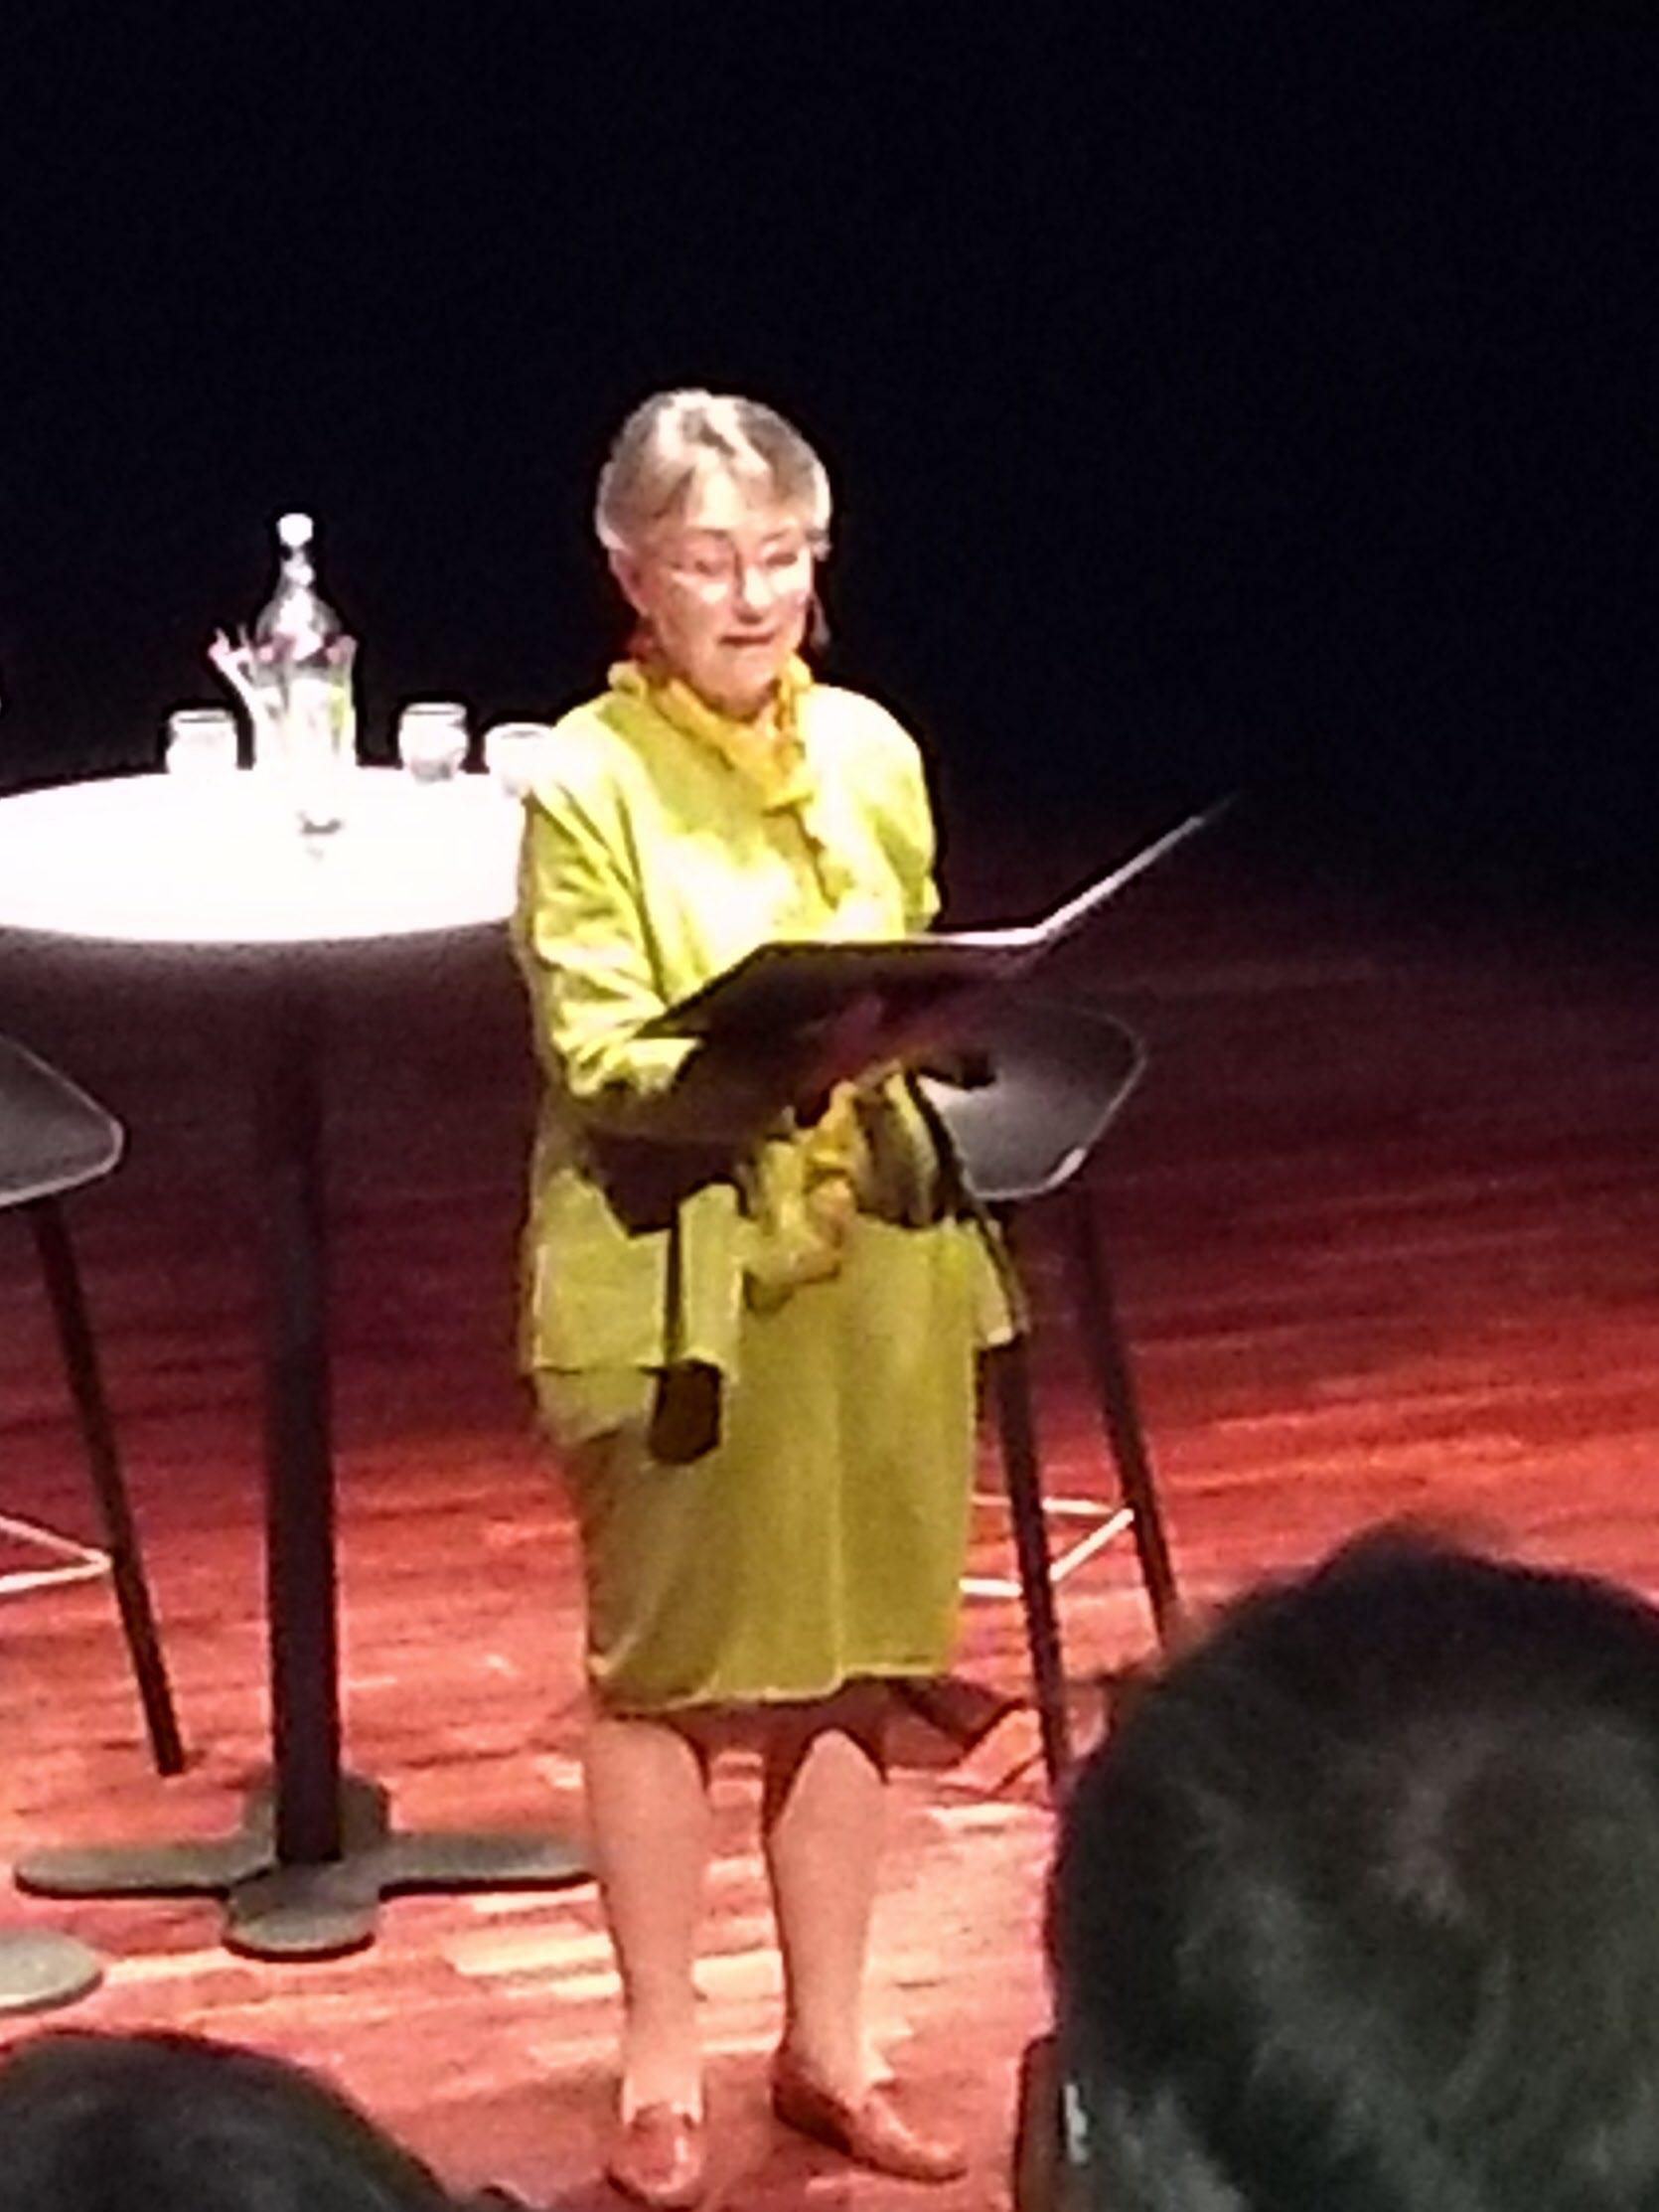 Annemarie Karsvik läser poesi